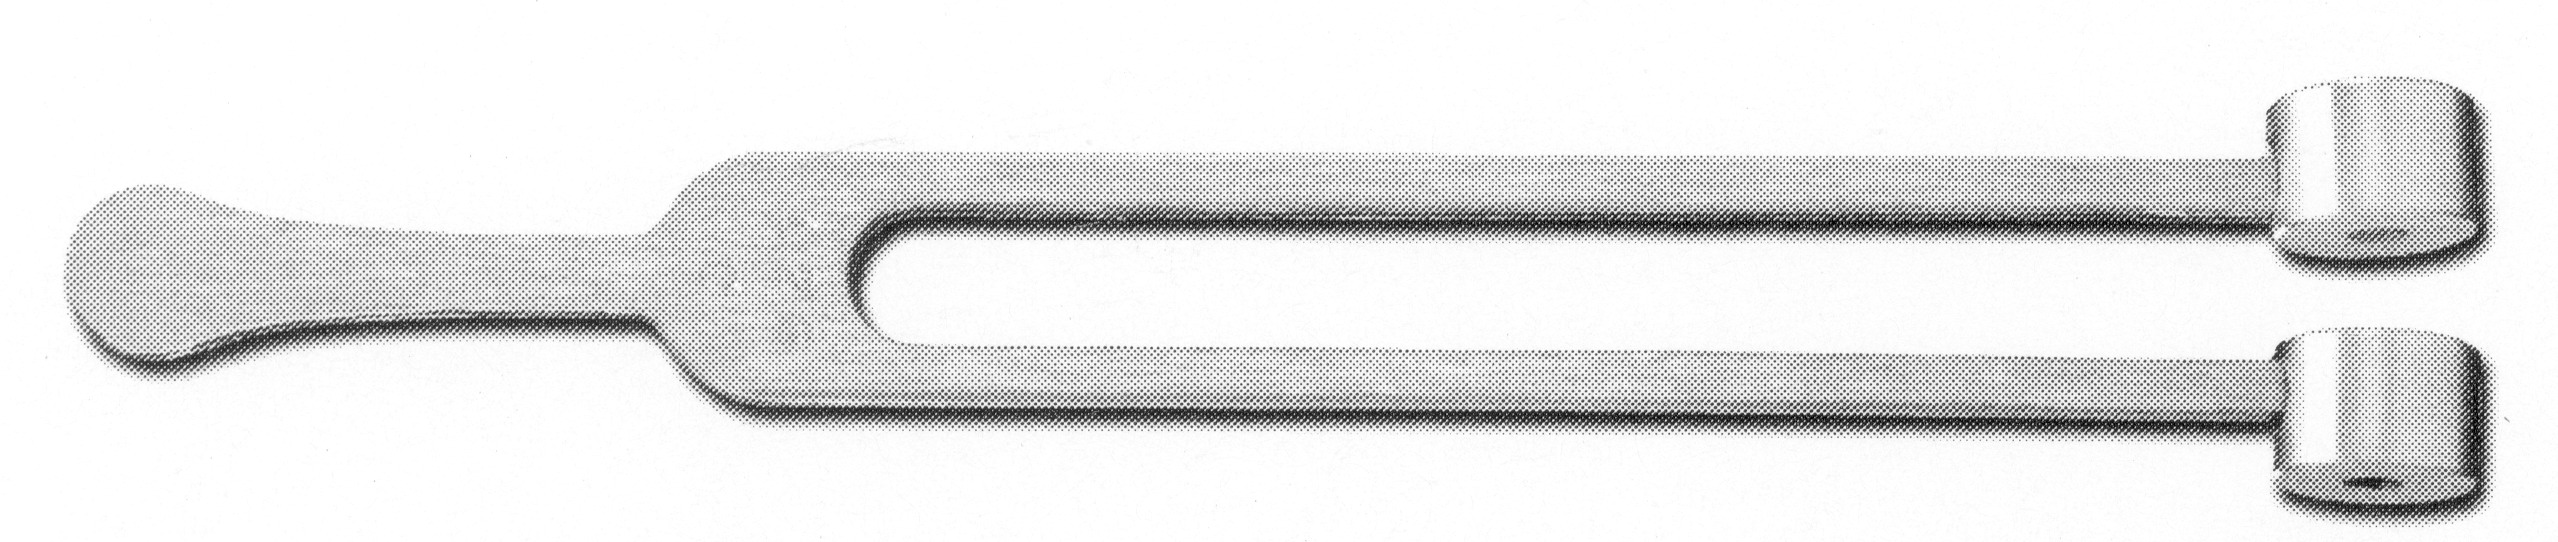 student-grade-tuning-fork-c-128-19-113-miltex.jpg